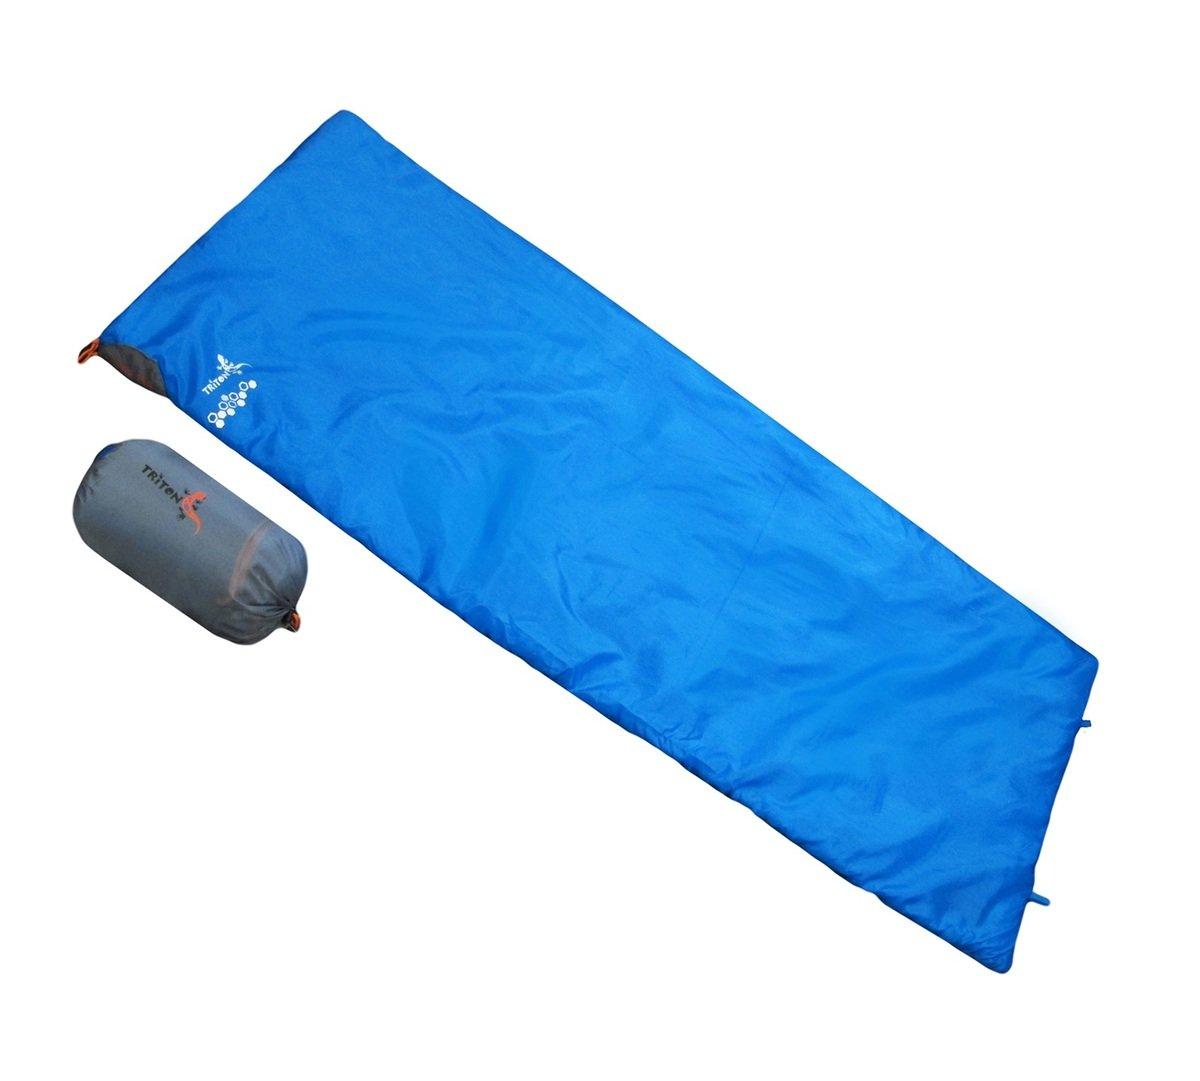 優質空心綿 8 度睡袋 - Simple 850 藍色